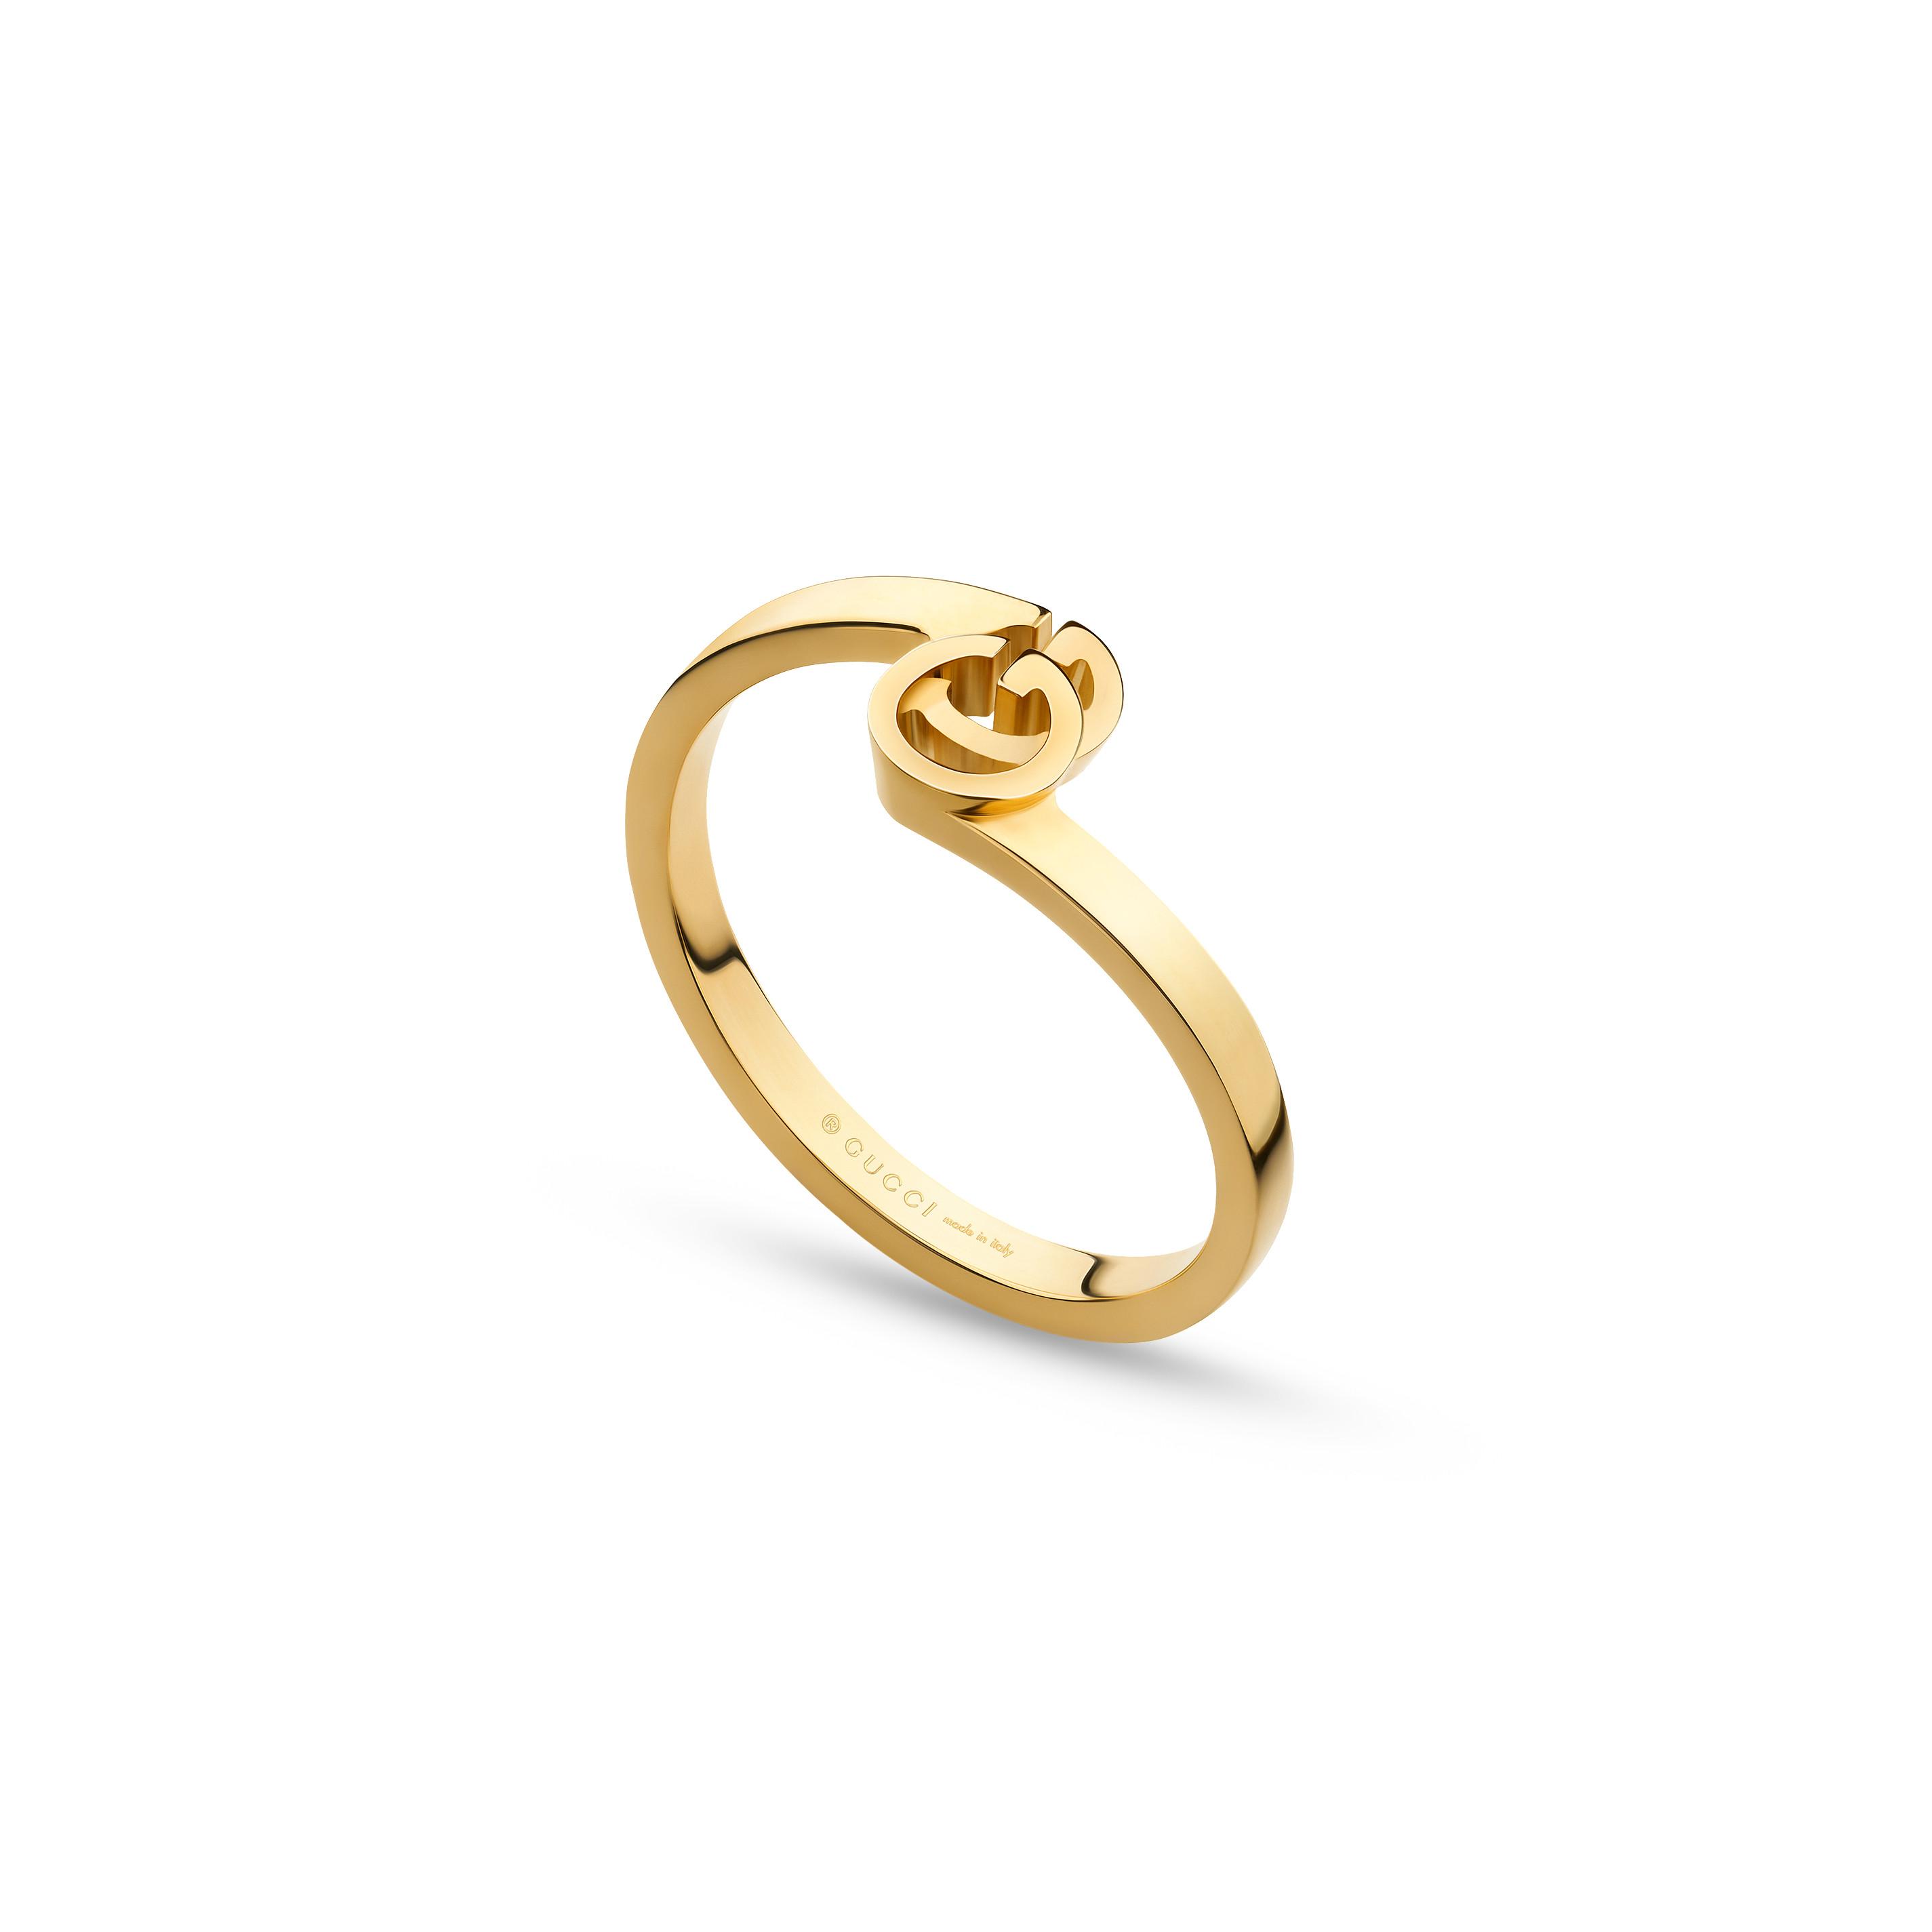 Home   Gioielli   Anelli   Gucci anello running GG in oro giallo 864ab650da85